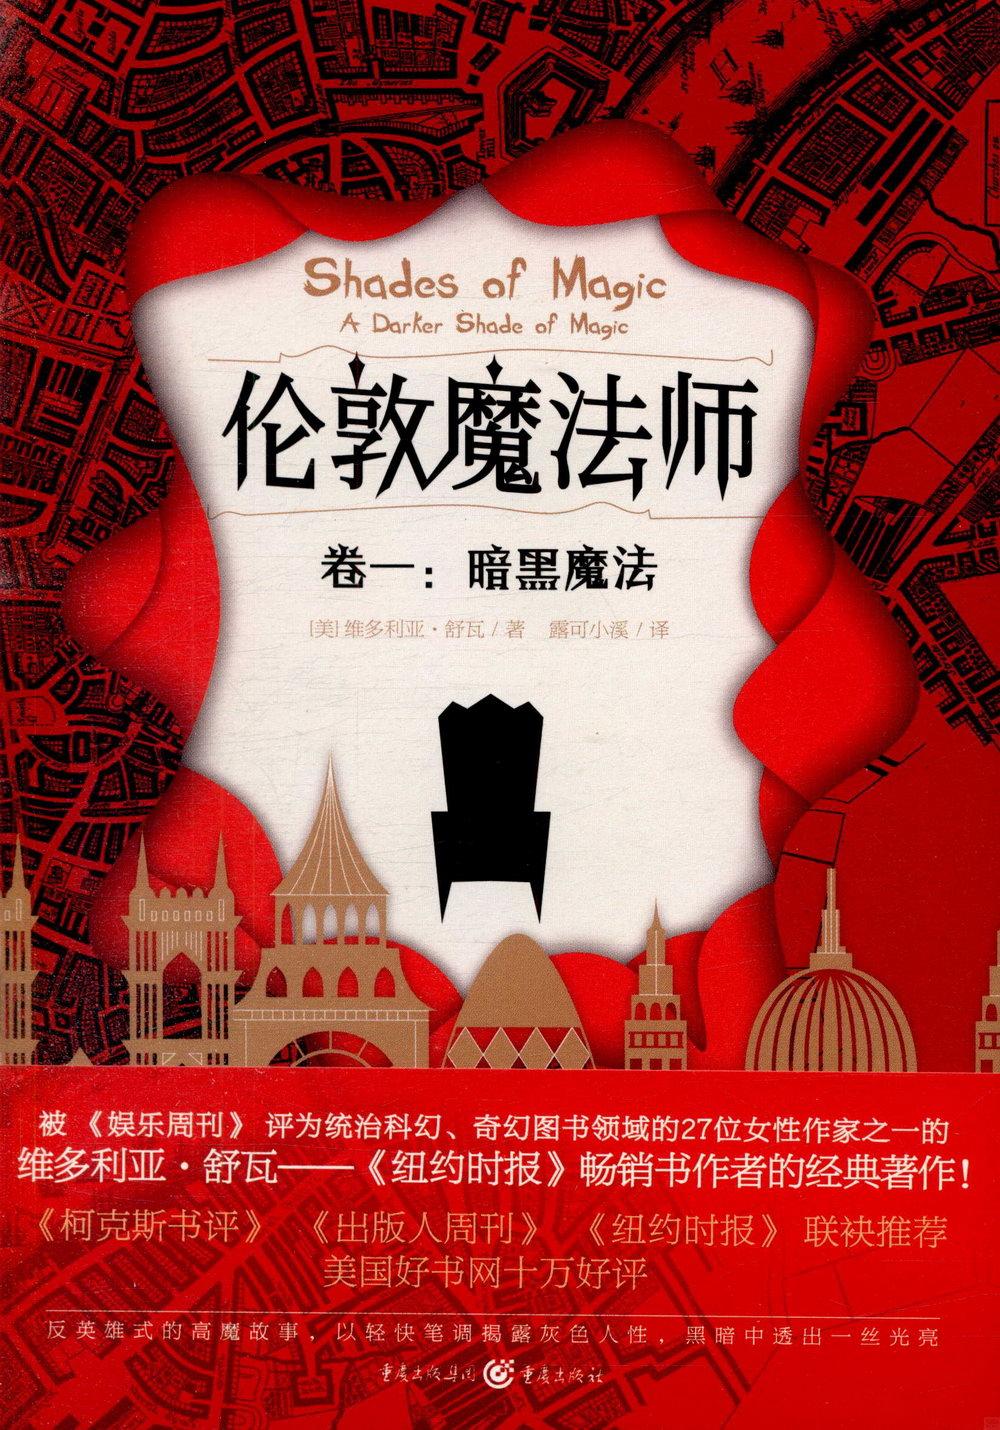 倫敦魔法師卷一:暗黑魔法